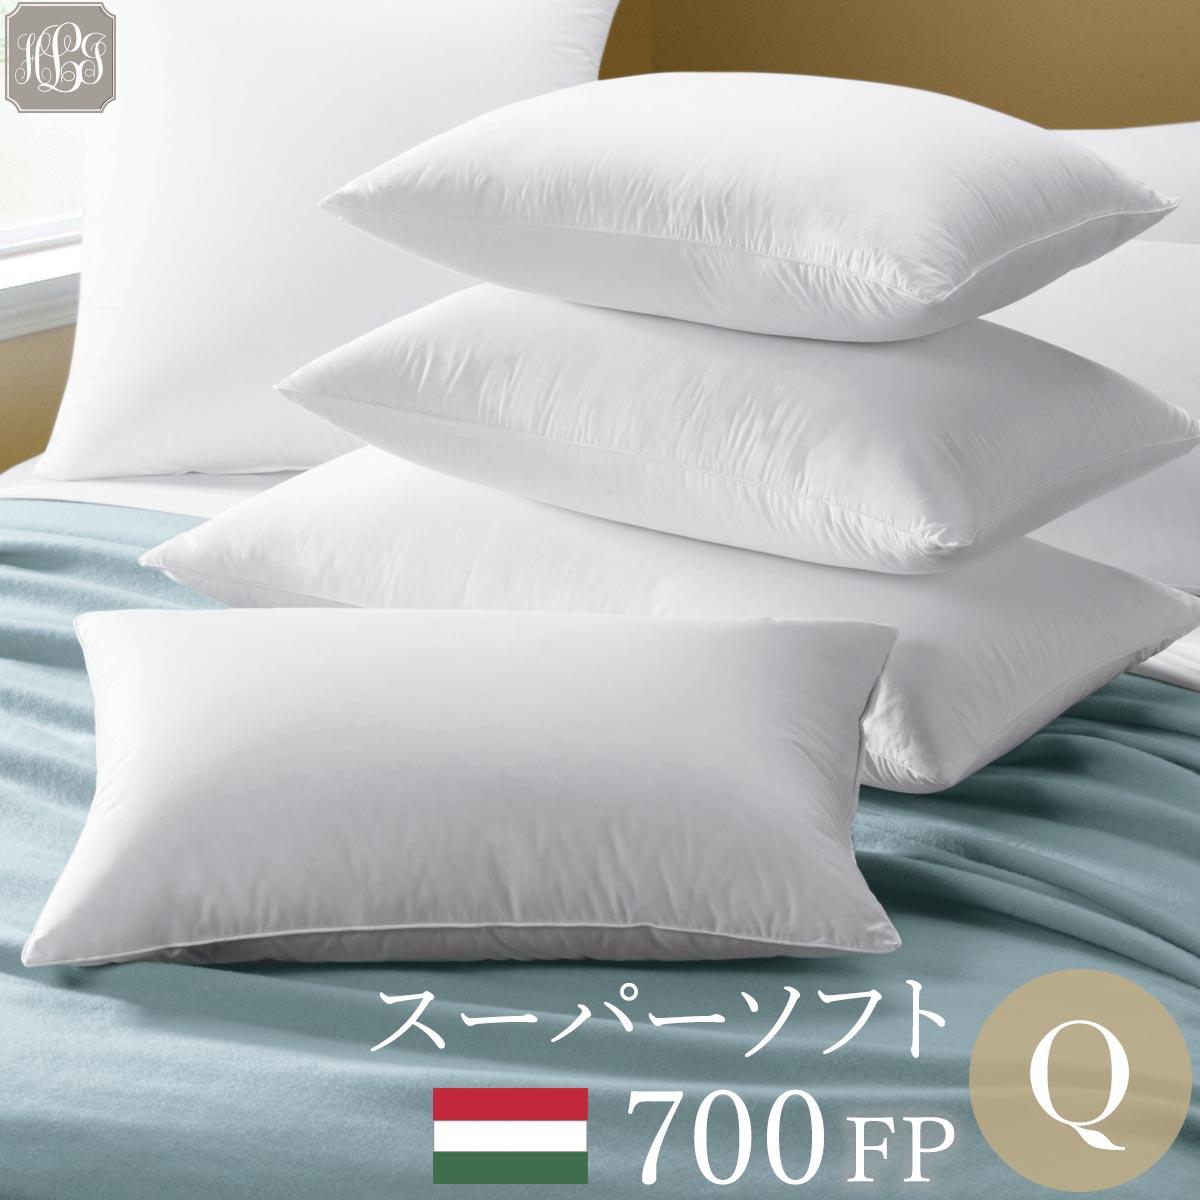 羽毛枕 700FPハンガリー産ホワイトグース クイーン 50cmx76cm スーパーソフト 高級ホテル 低め 80番手 超長綿100% 送料無料